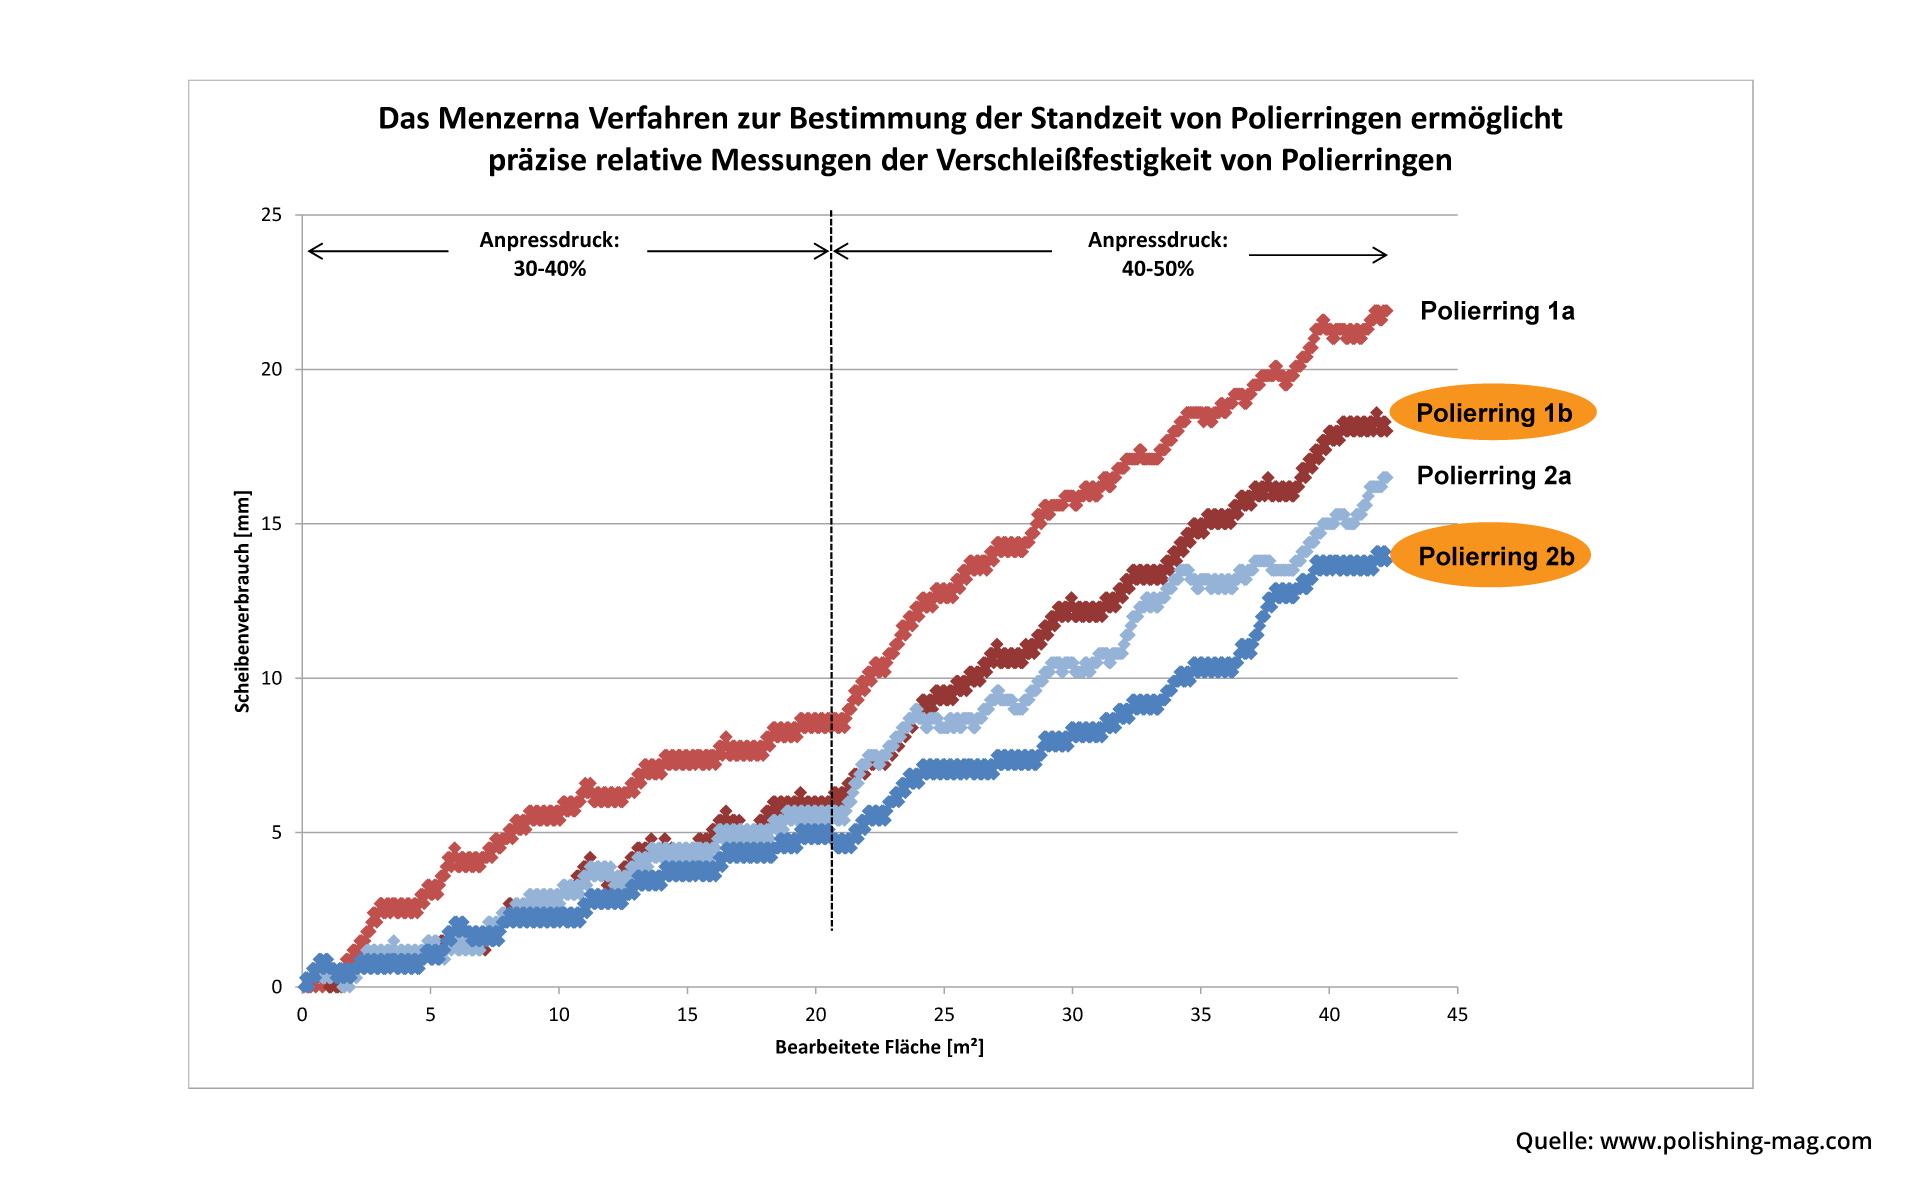 Die Grafik beschreibt die Messungen der Verschleißfestigkeit von Polierringen durch das Menzerna Verfahren zur Bestimmung der Standzeiten von Polierringen.